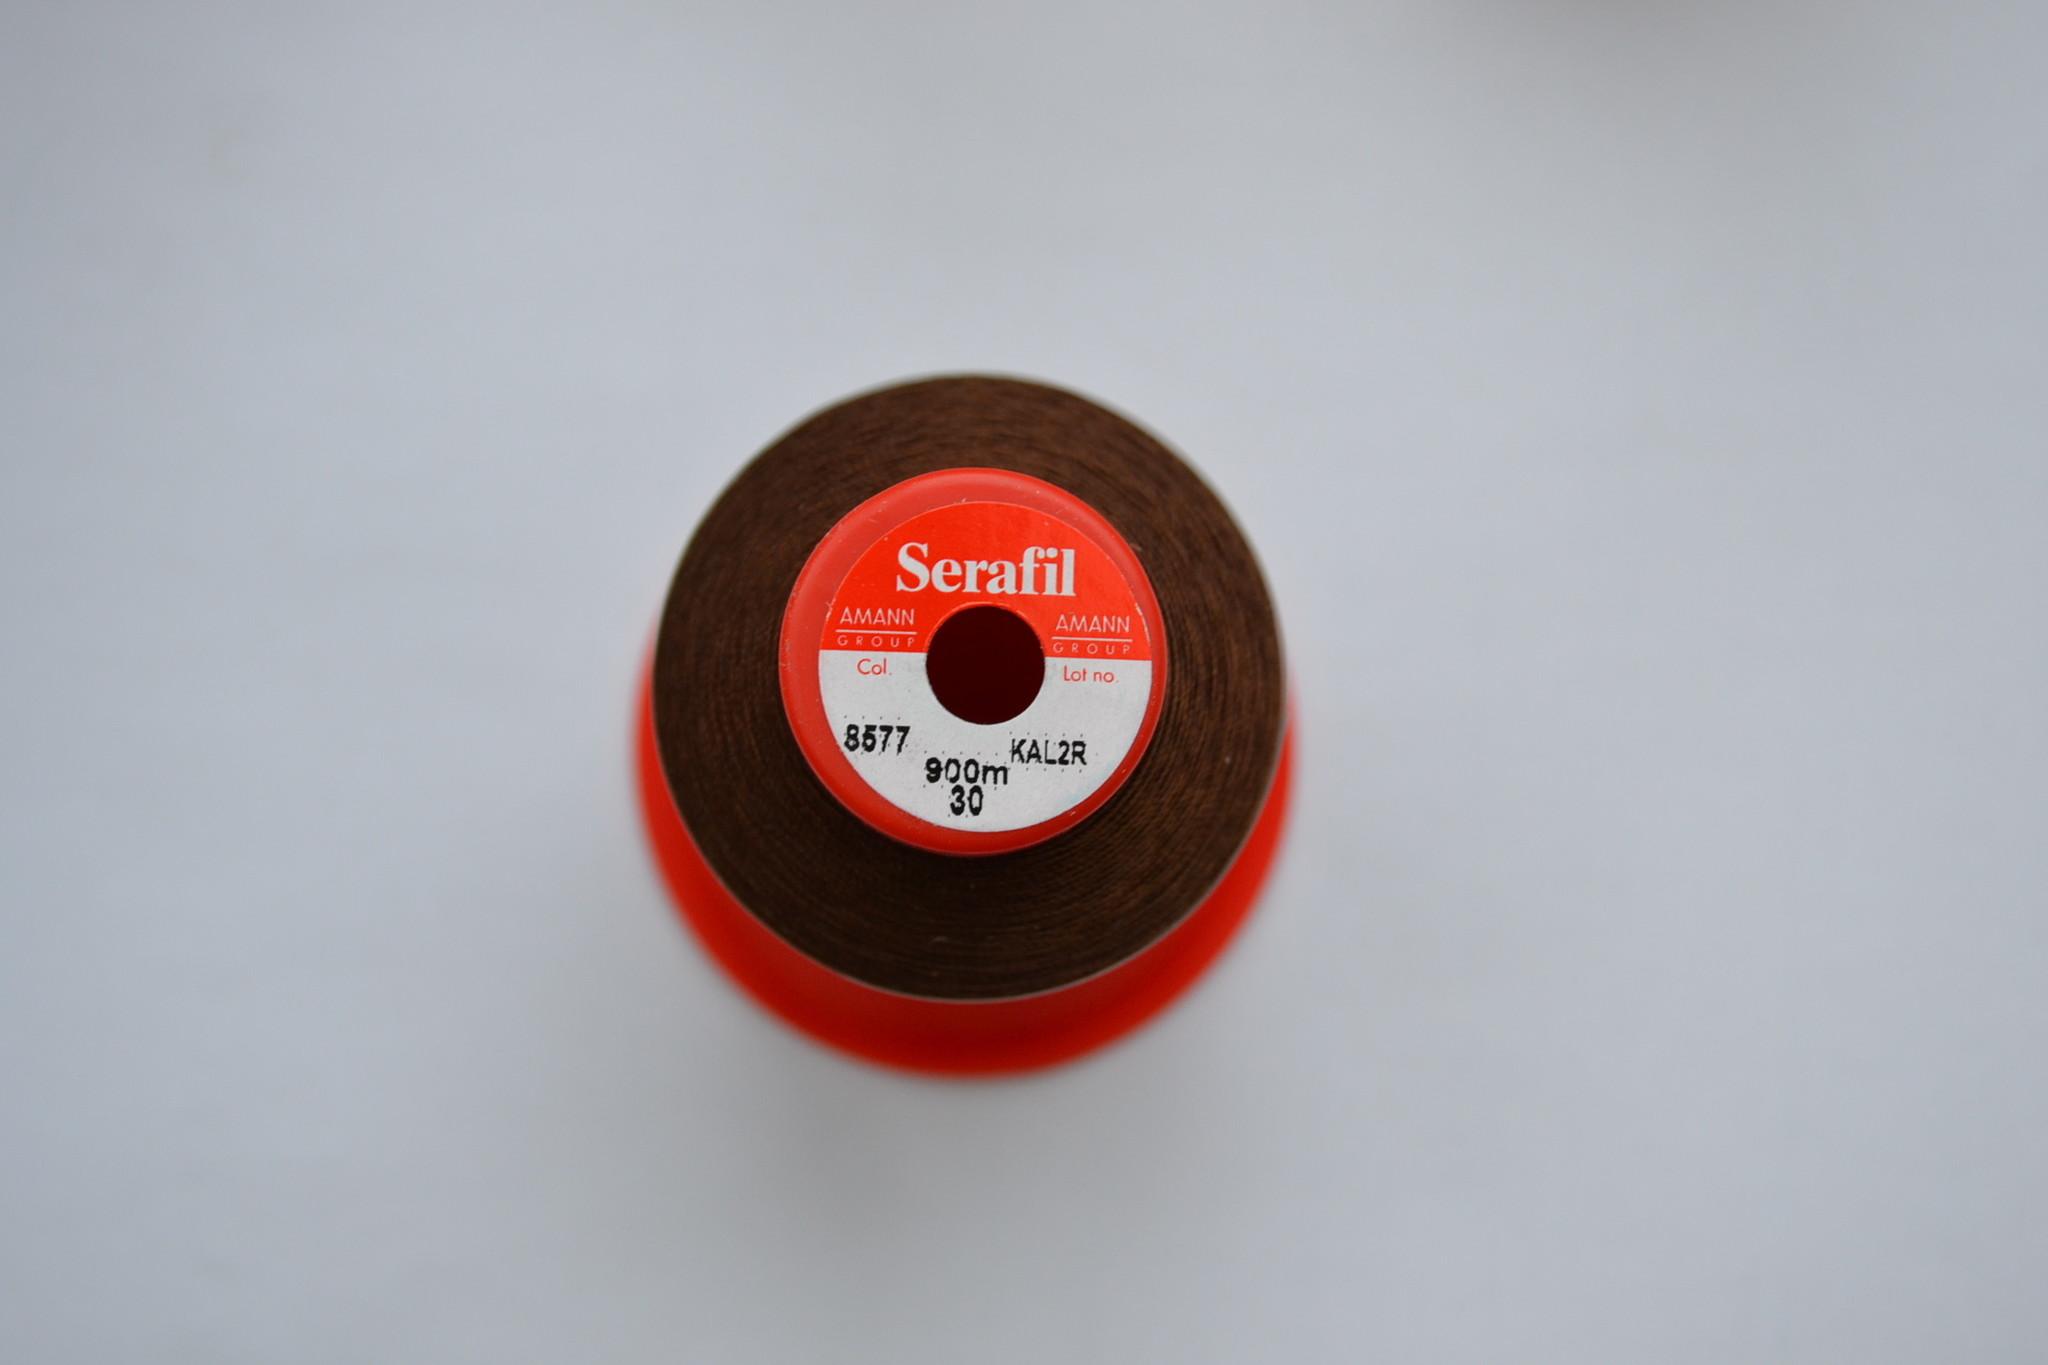 SER30/8577 Serafil 30